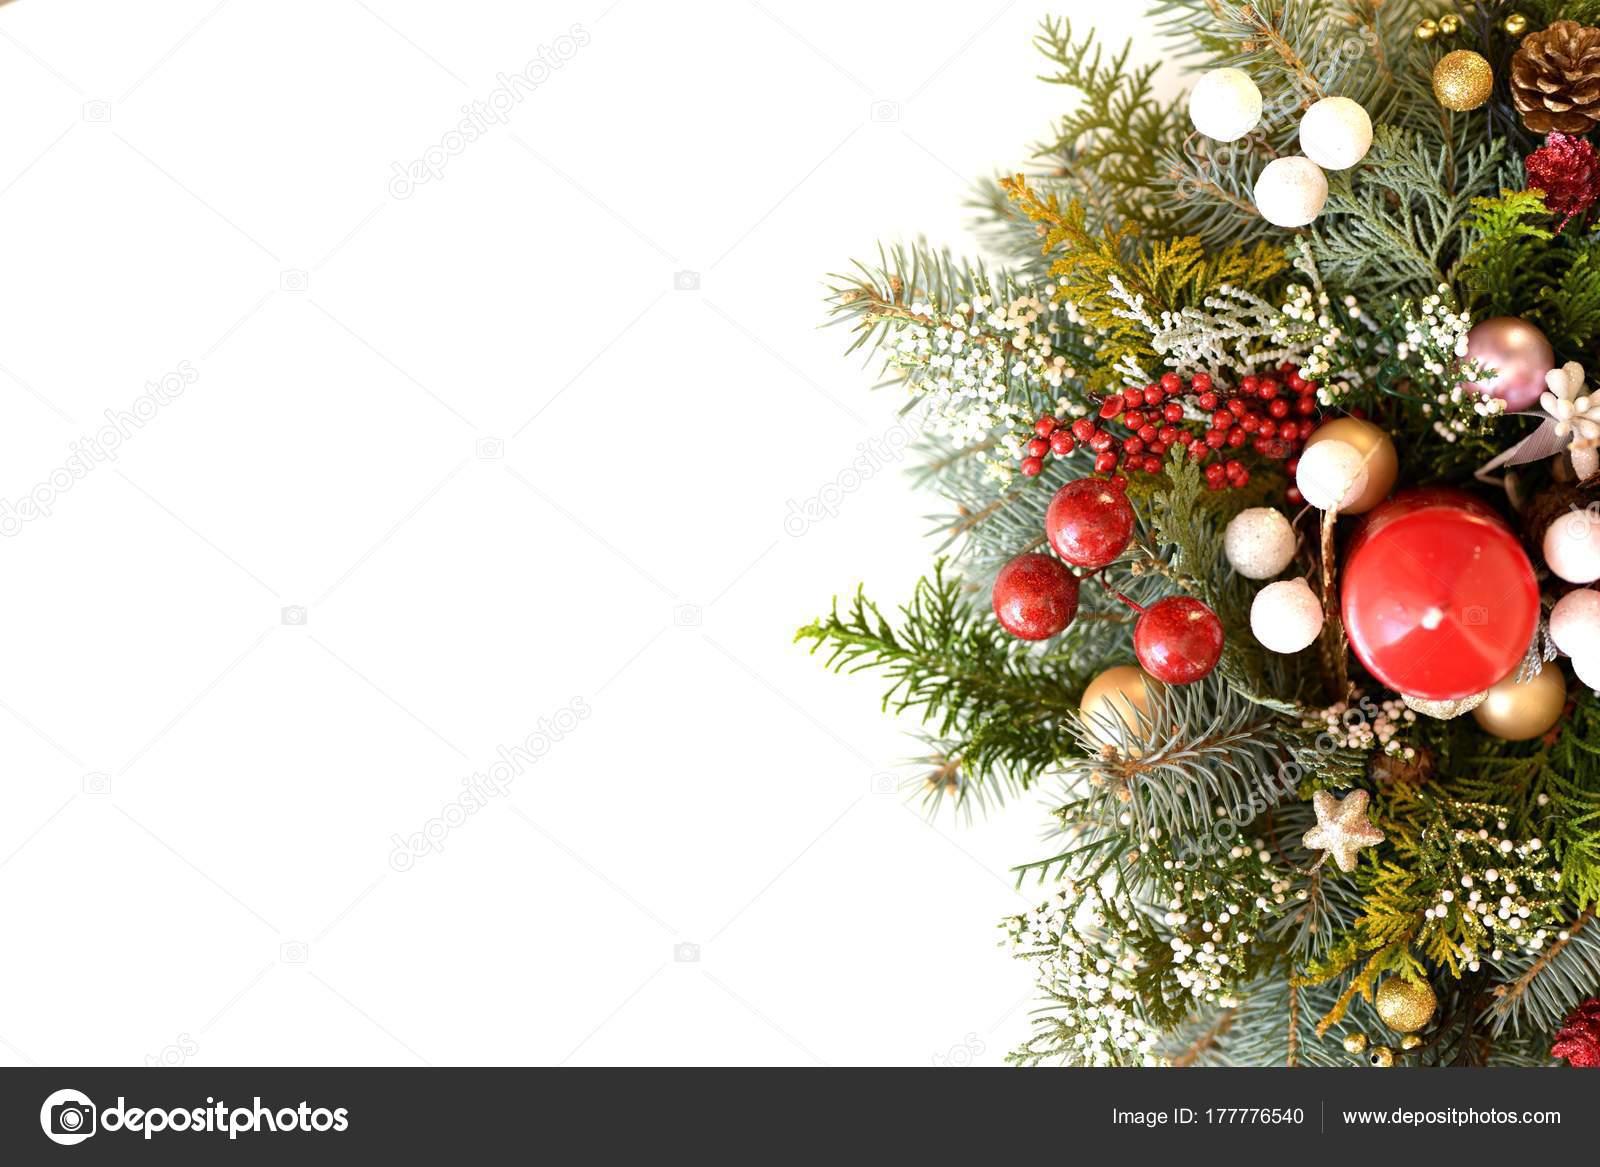 Karte Frohe Weihnachten.Weihnachts Geschenk Karte Frohe Weihnachten Stockfoto Muro